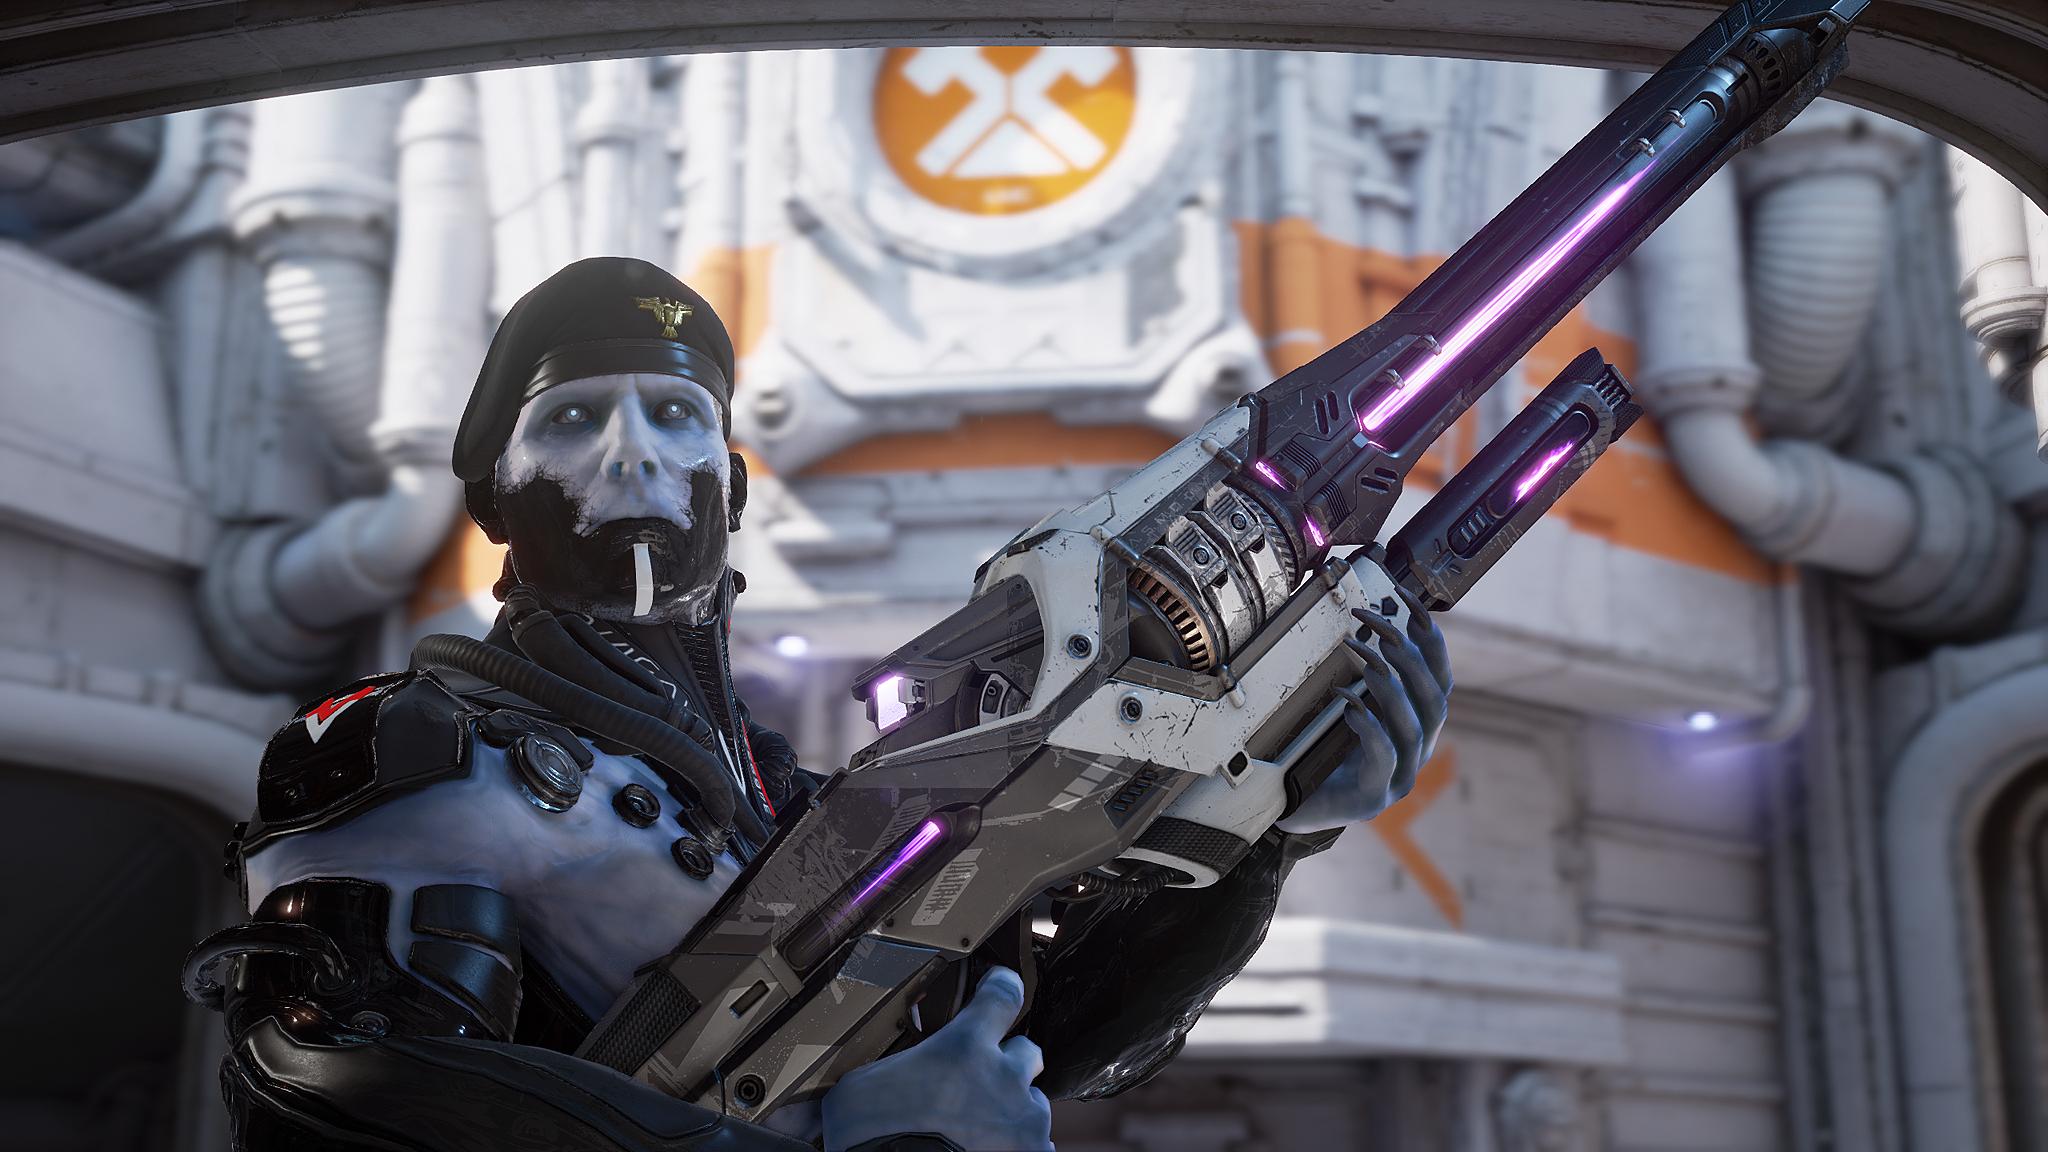 『Gears of War』以前より続いていたEpic GamesのアリーナFPS『Unreal Tournament』。最新作が現在開発中であり、ファンコミュニティと協力して開発するスタイルが採用されている